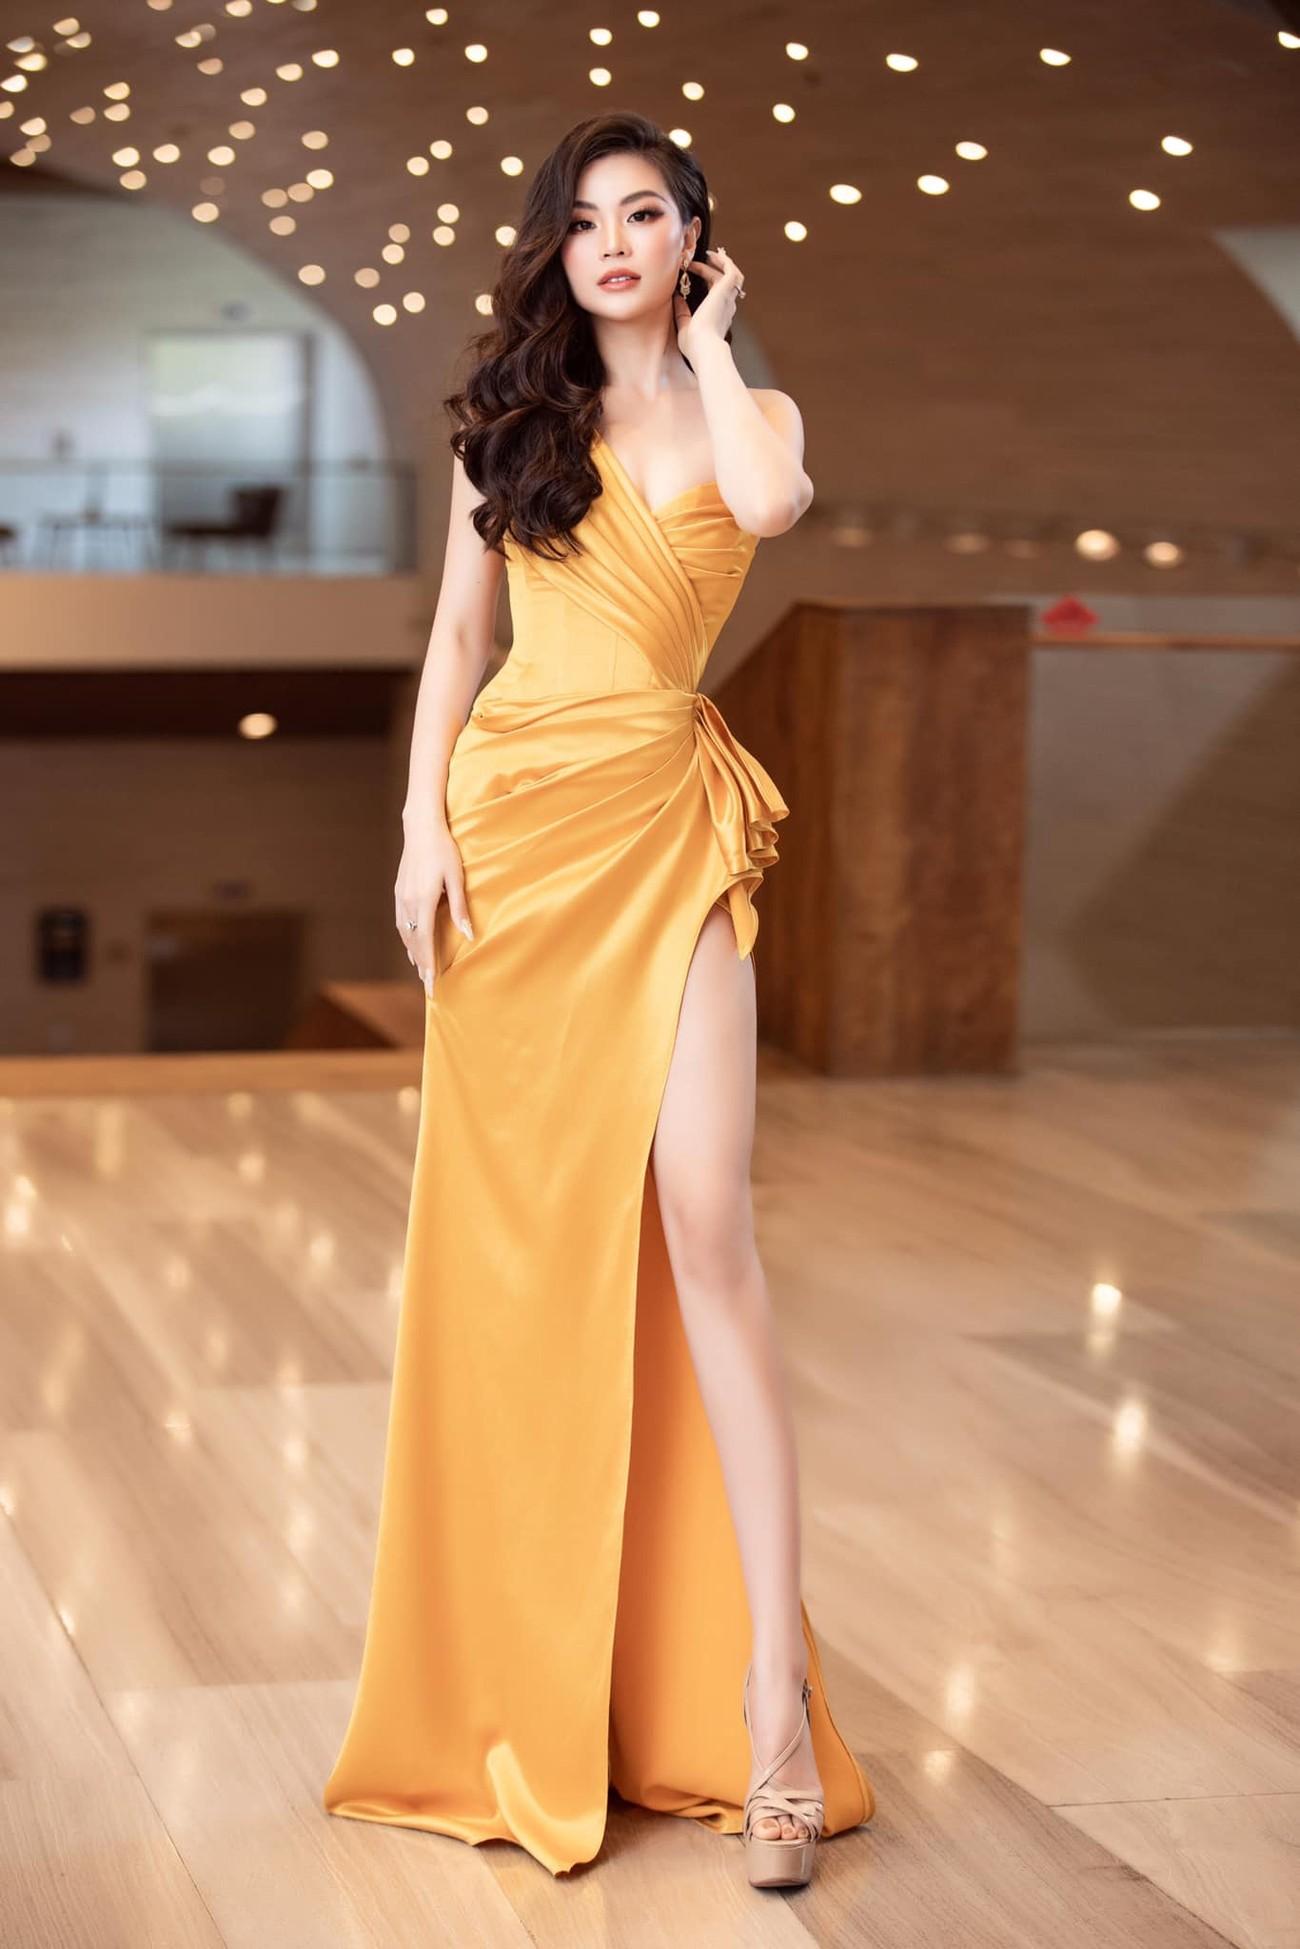 Tiếp tục chinh phục gam màu đỏ, Hoa hậu Đỗ Thị Hà khoe đôi chân 'cực phẩm' ảnh 7